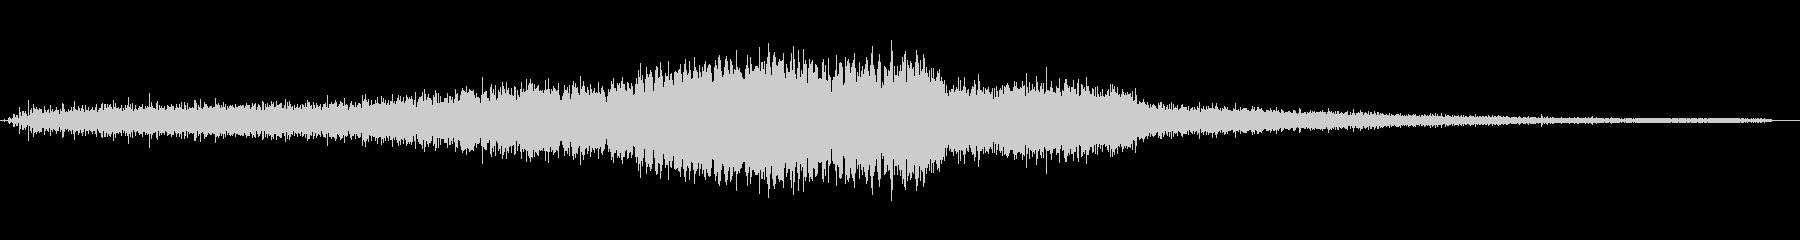 電動ハンドドリル:ドリルシングルホ...の未再生の波形